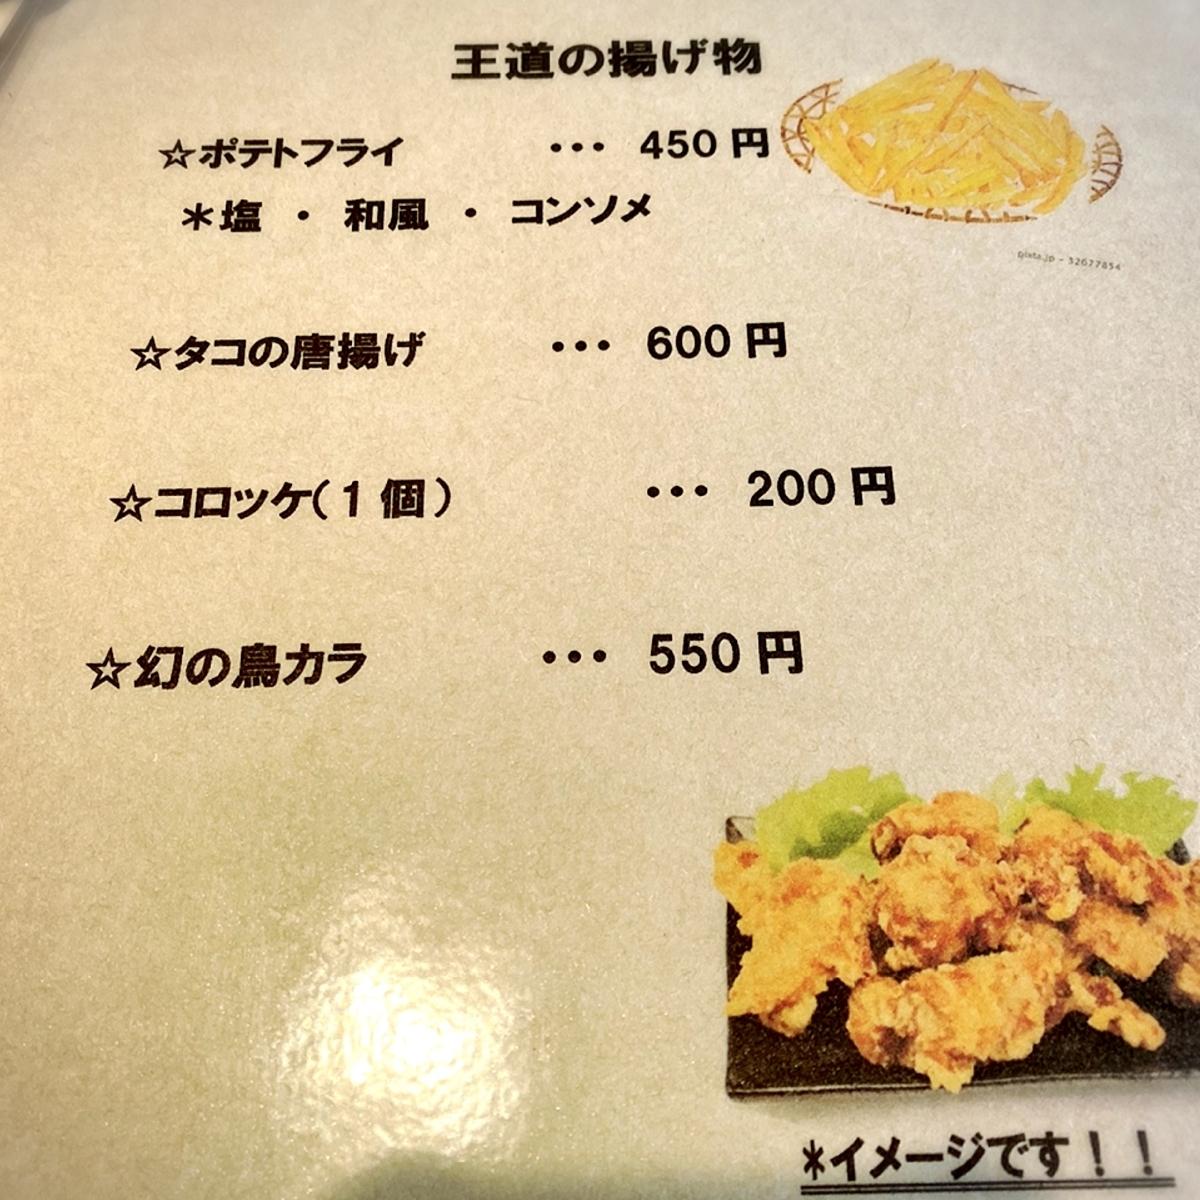 「御菜屋 紅青椒(パプリカ)」のメニューと値段4